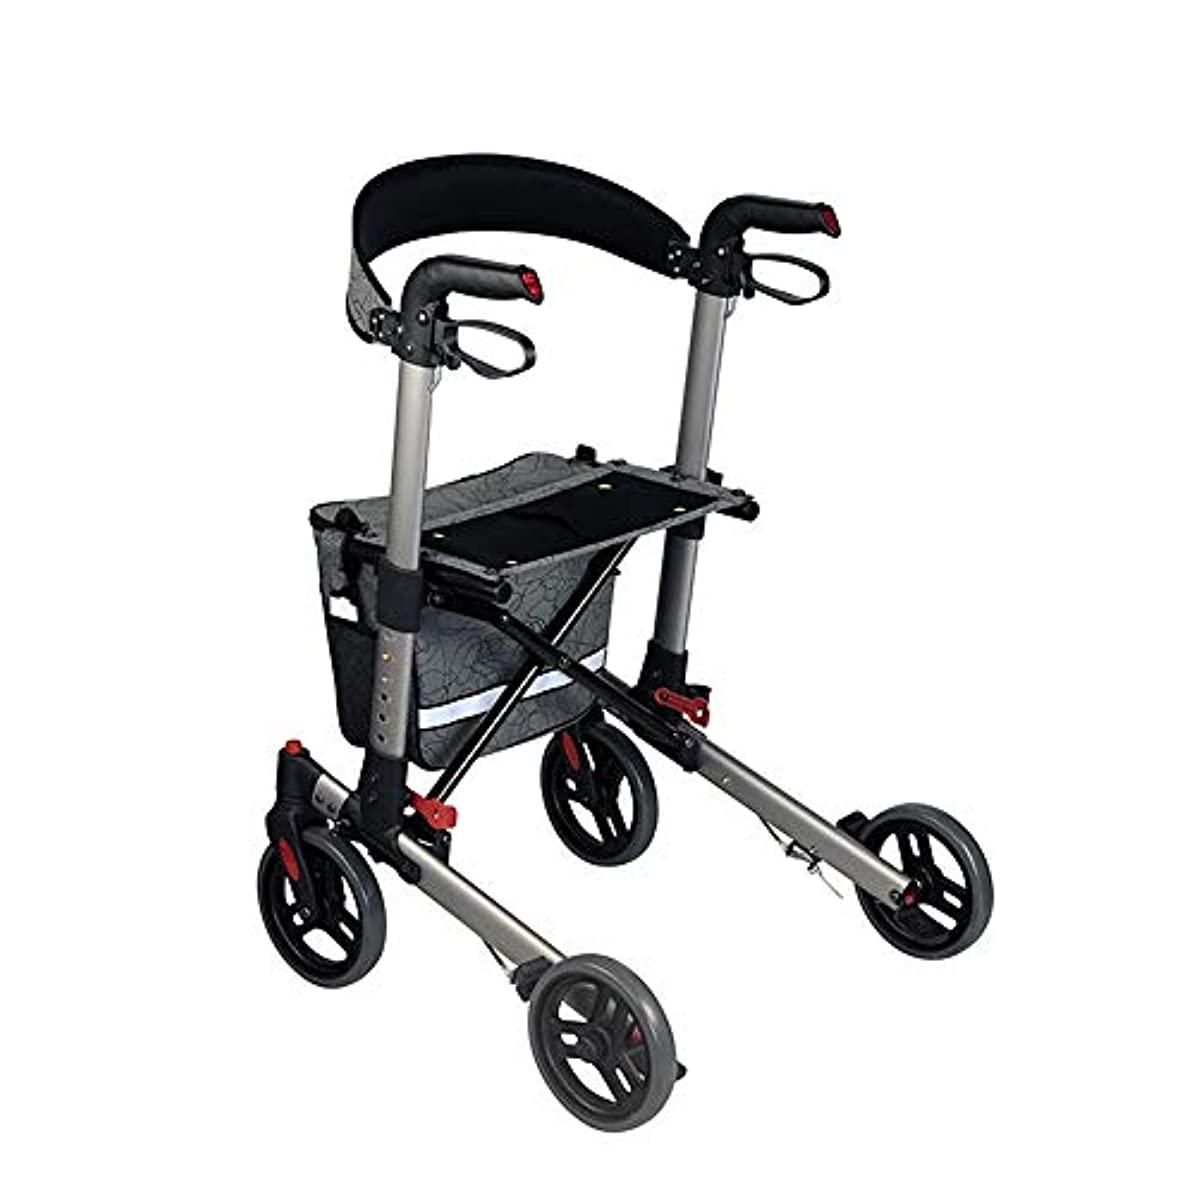 太字無効残酷な軽量折りたたみ式4輪歩行歩行器、老人歩行カートショッピングカート多機能レジャー折りたたみショッピングカート